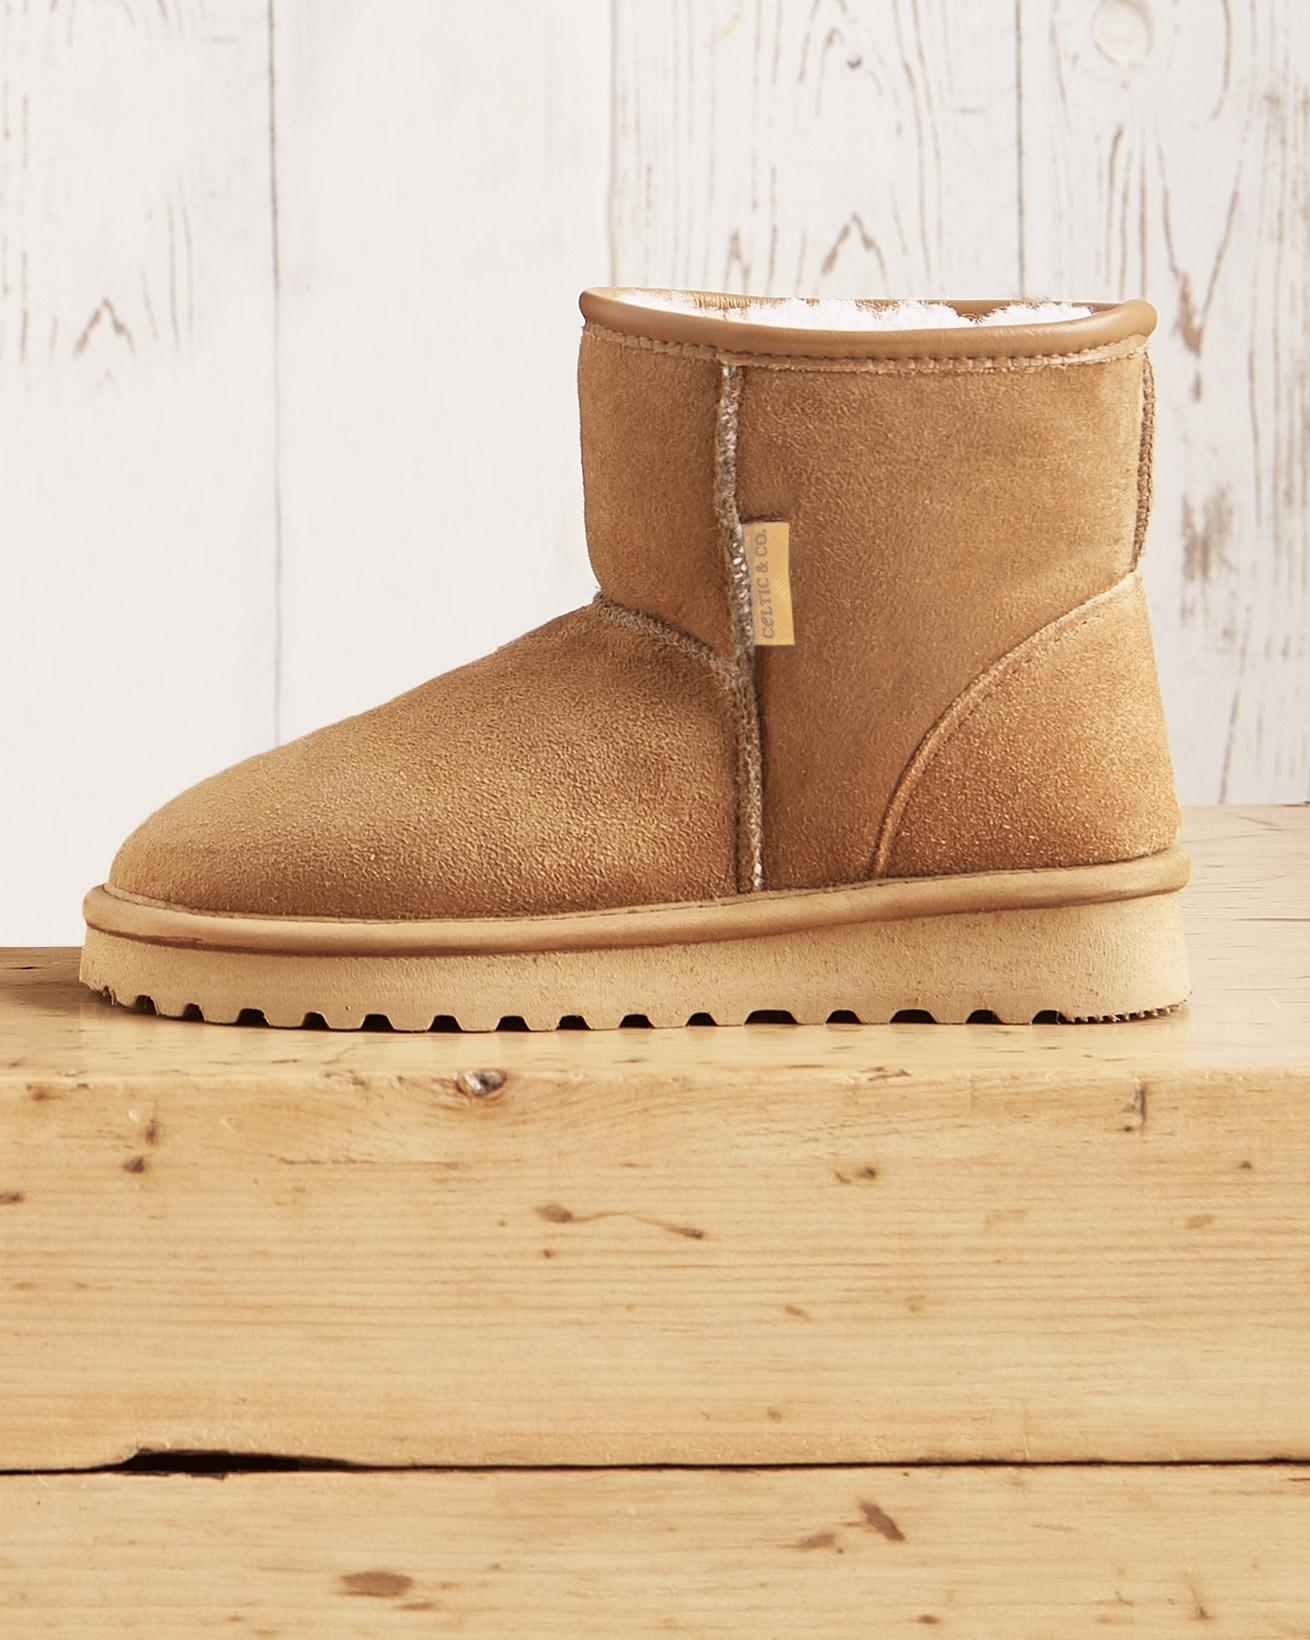 382d6a97898 Sheepskin Boots for Women